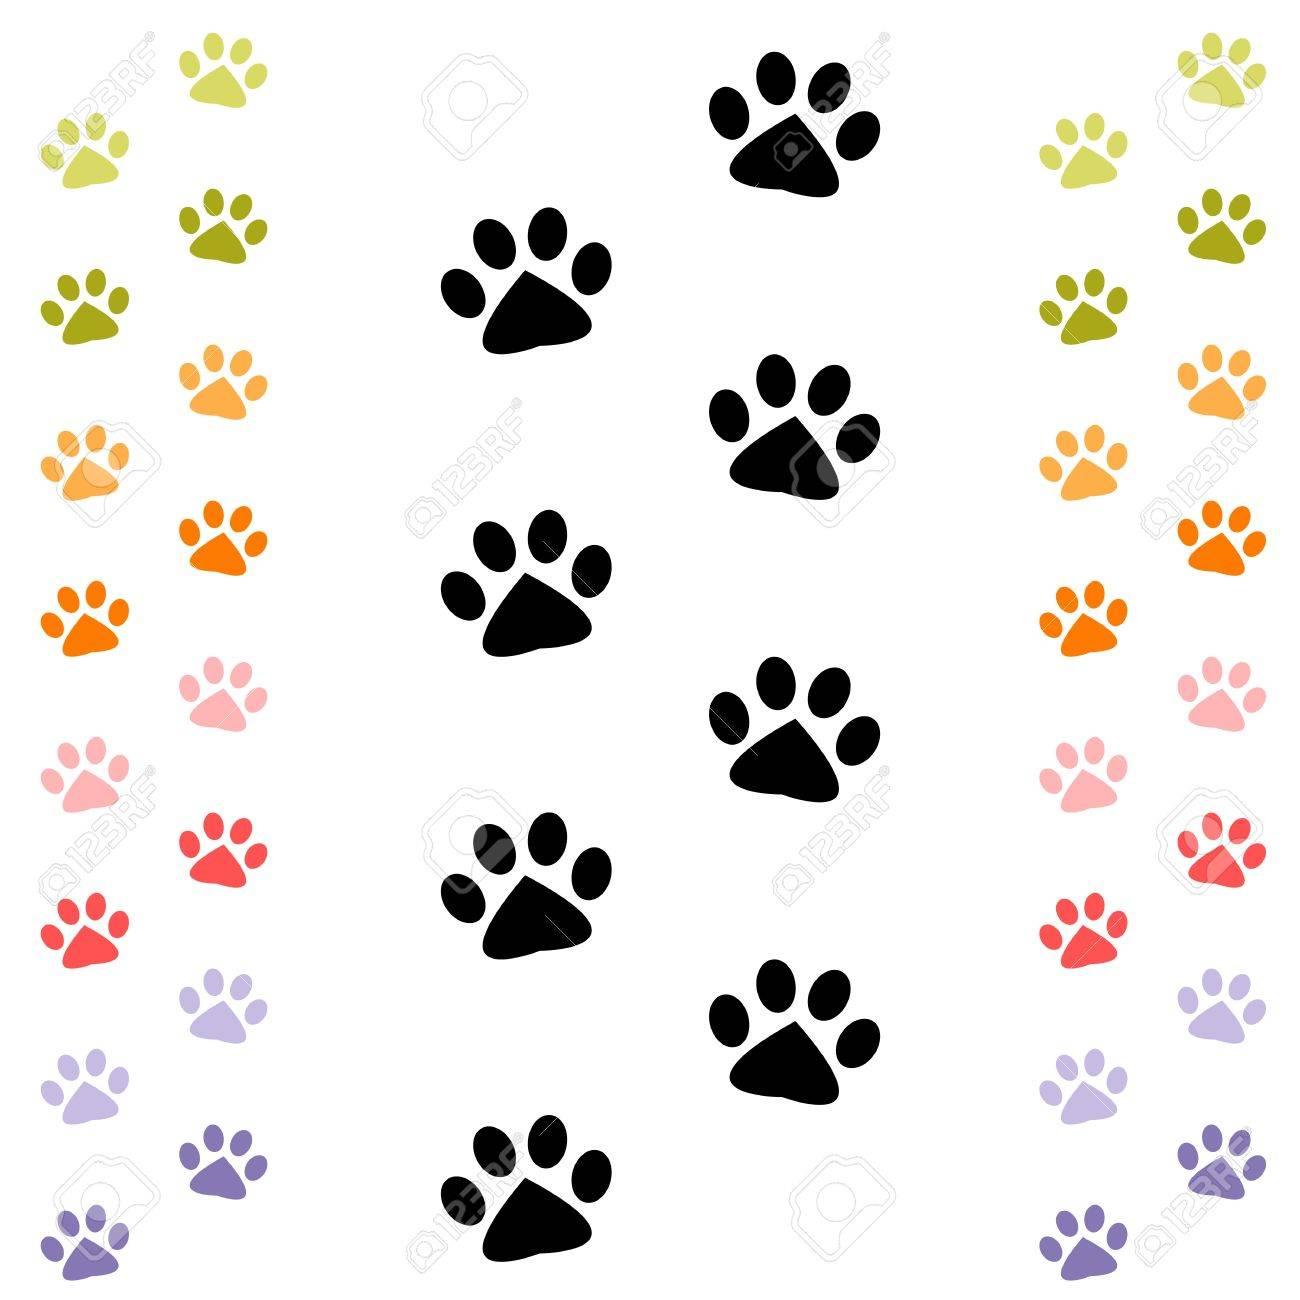 黒とカラフルな動物の足跡 ロイヤリティフリークリップアート